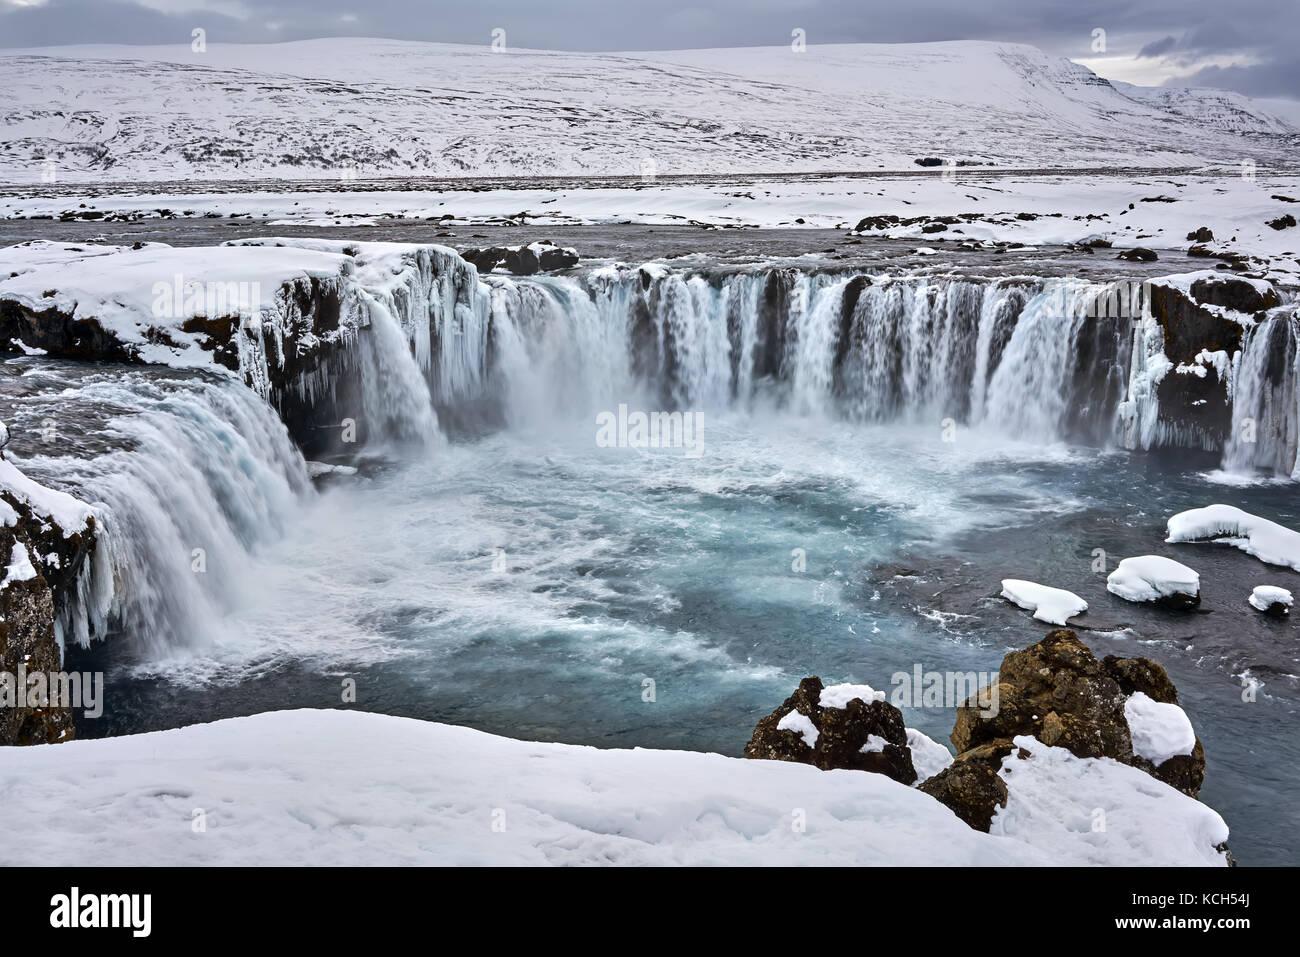 Isländische Landschaft mit Wasserfall Stockbild